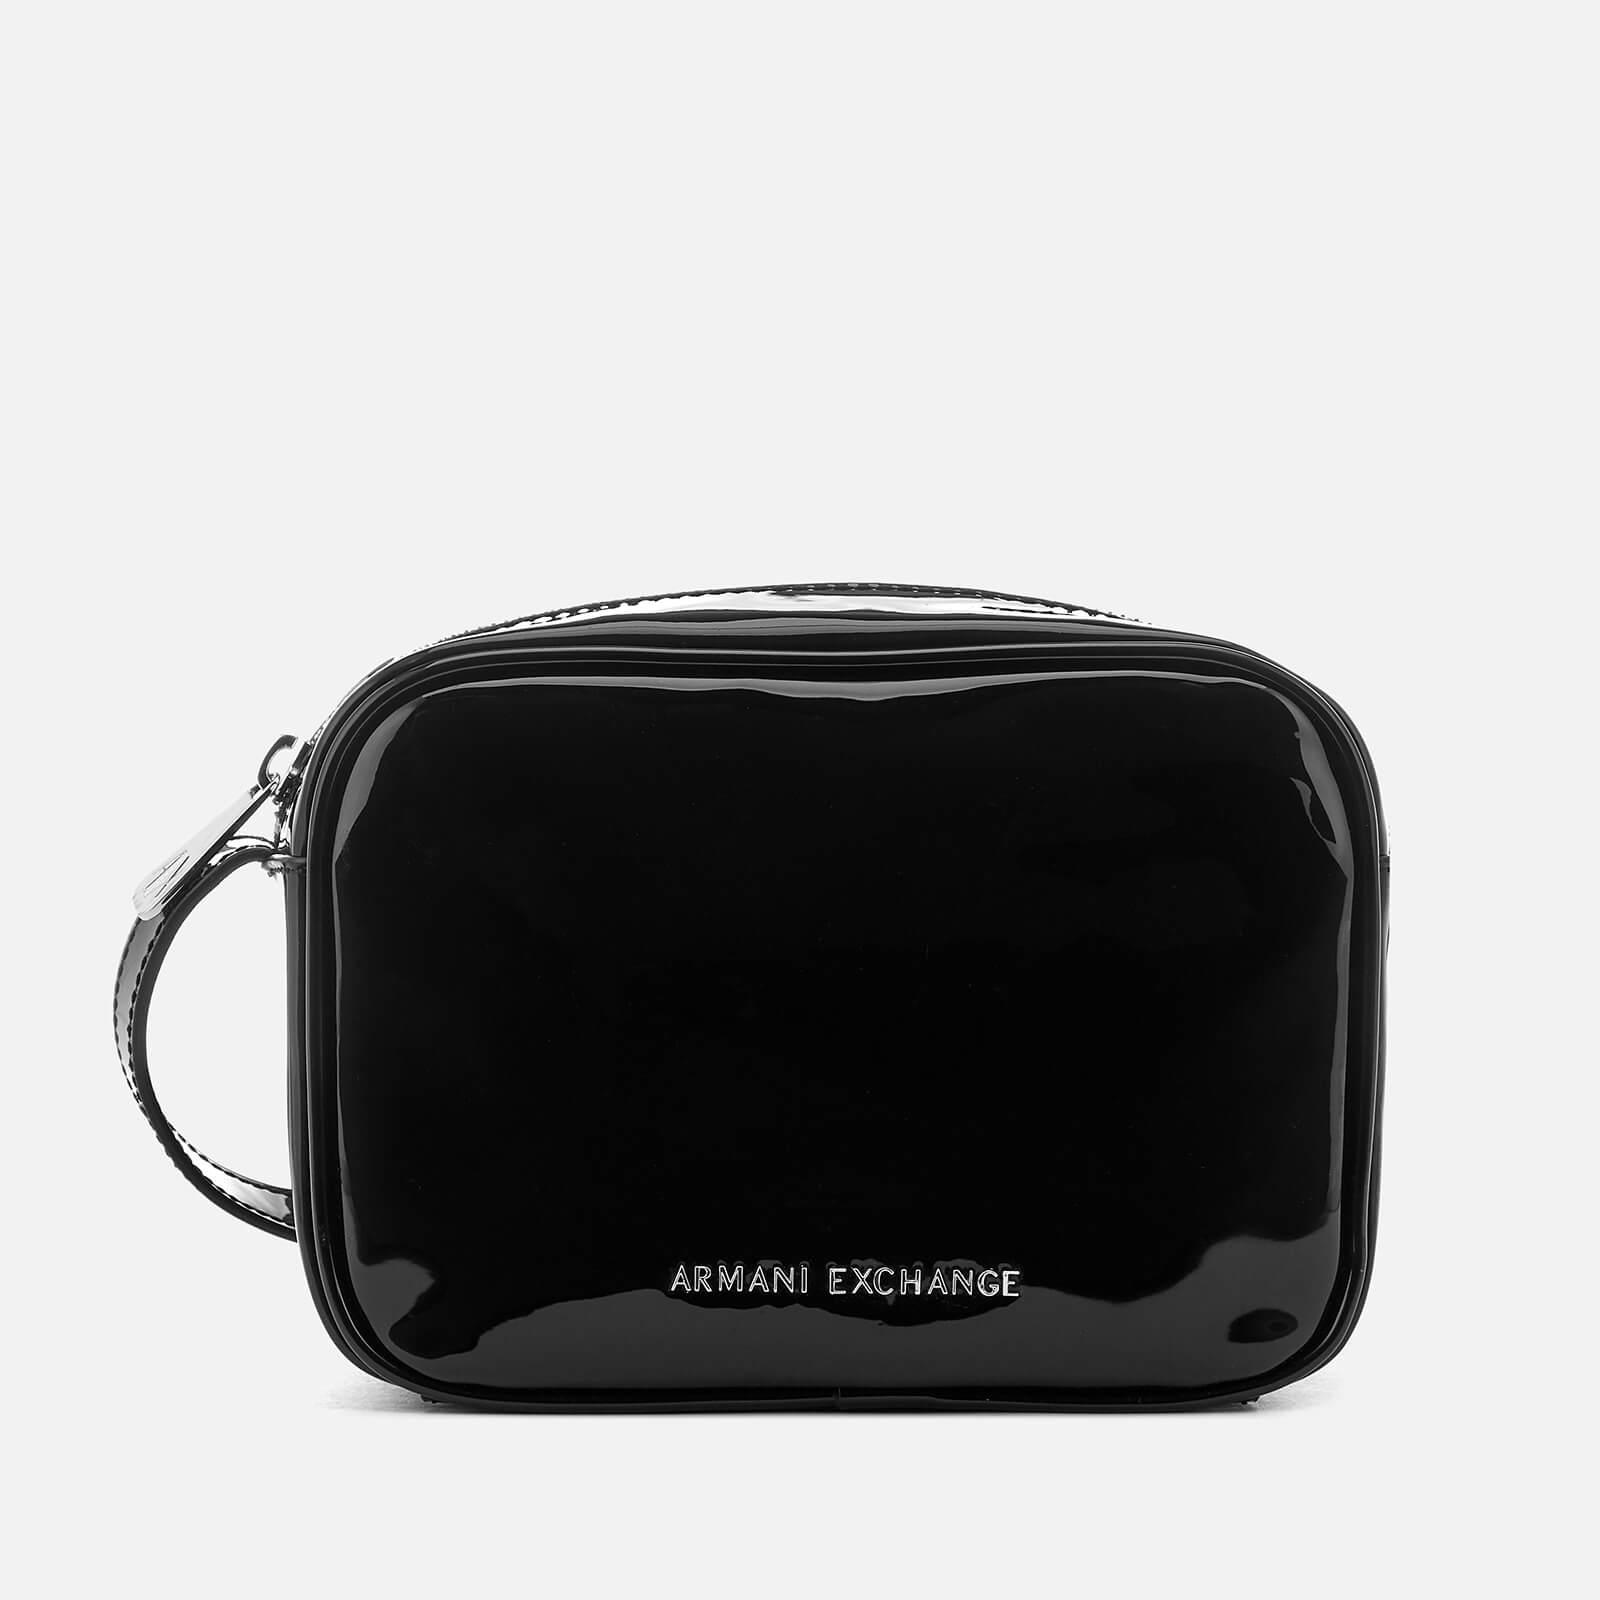 4010a409b4 Armani Exchange Women's Patent Logo Cross Body Bag - Black